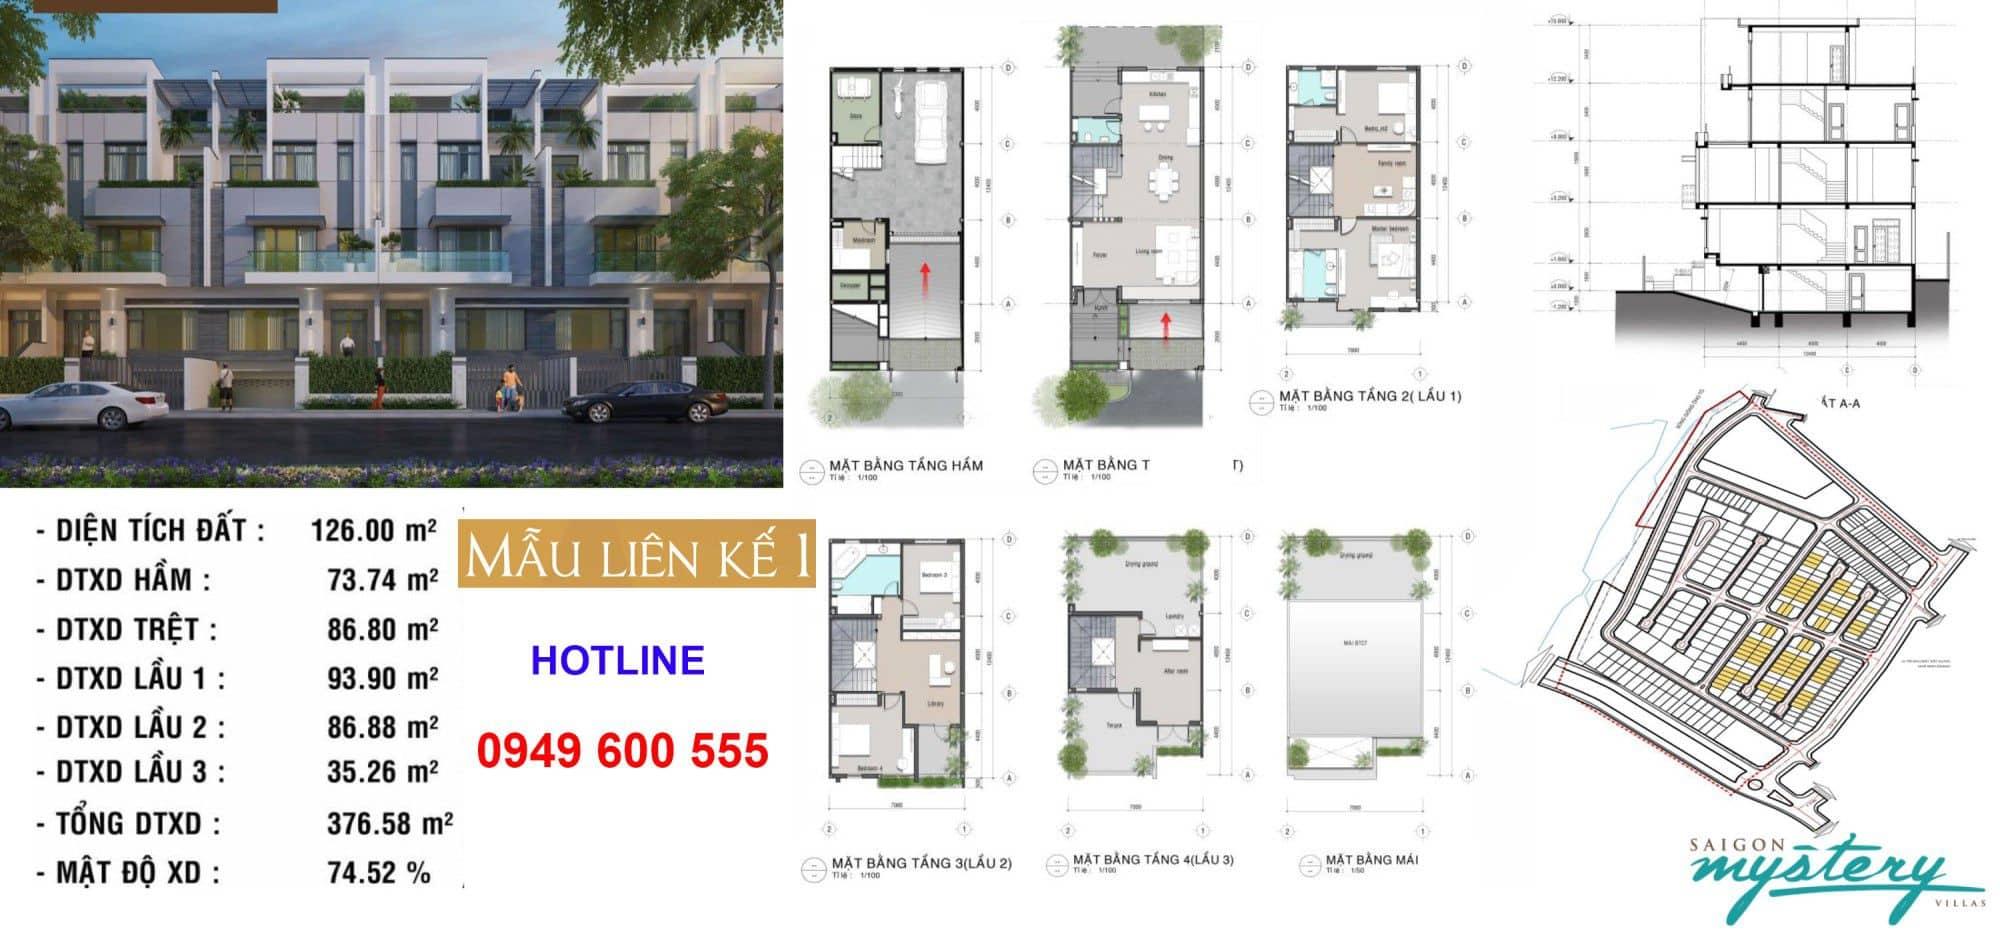 Thiết kế nhà phố liền kế Saigon Mystery Villas mẫu 1